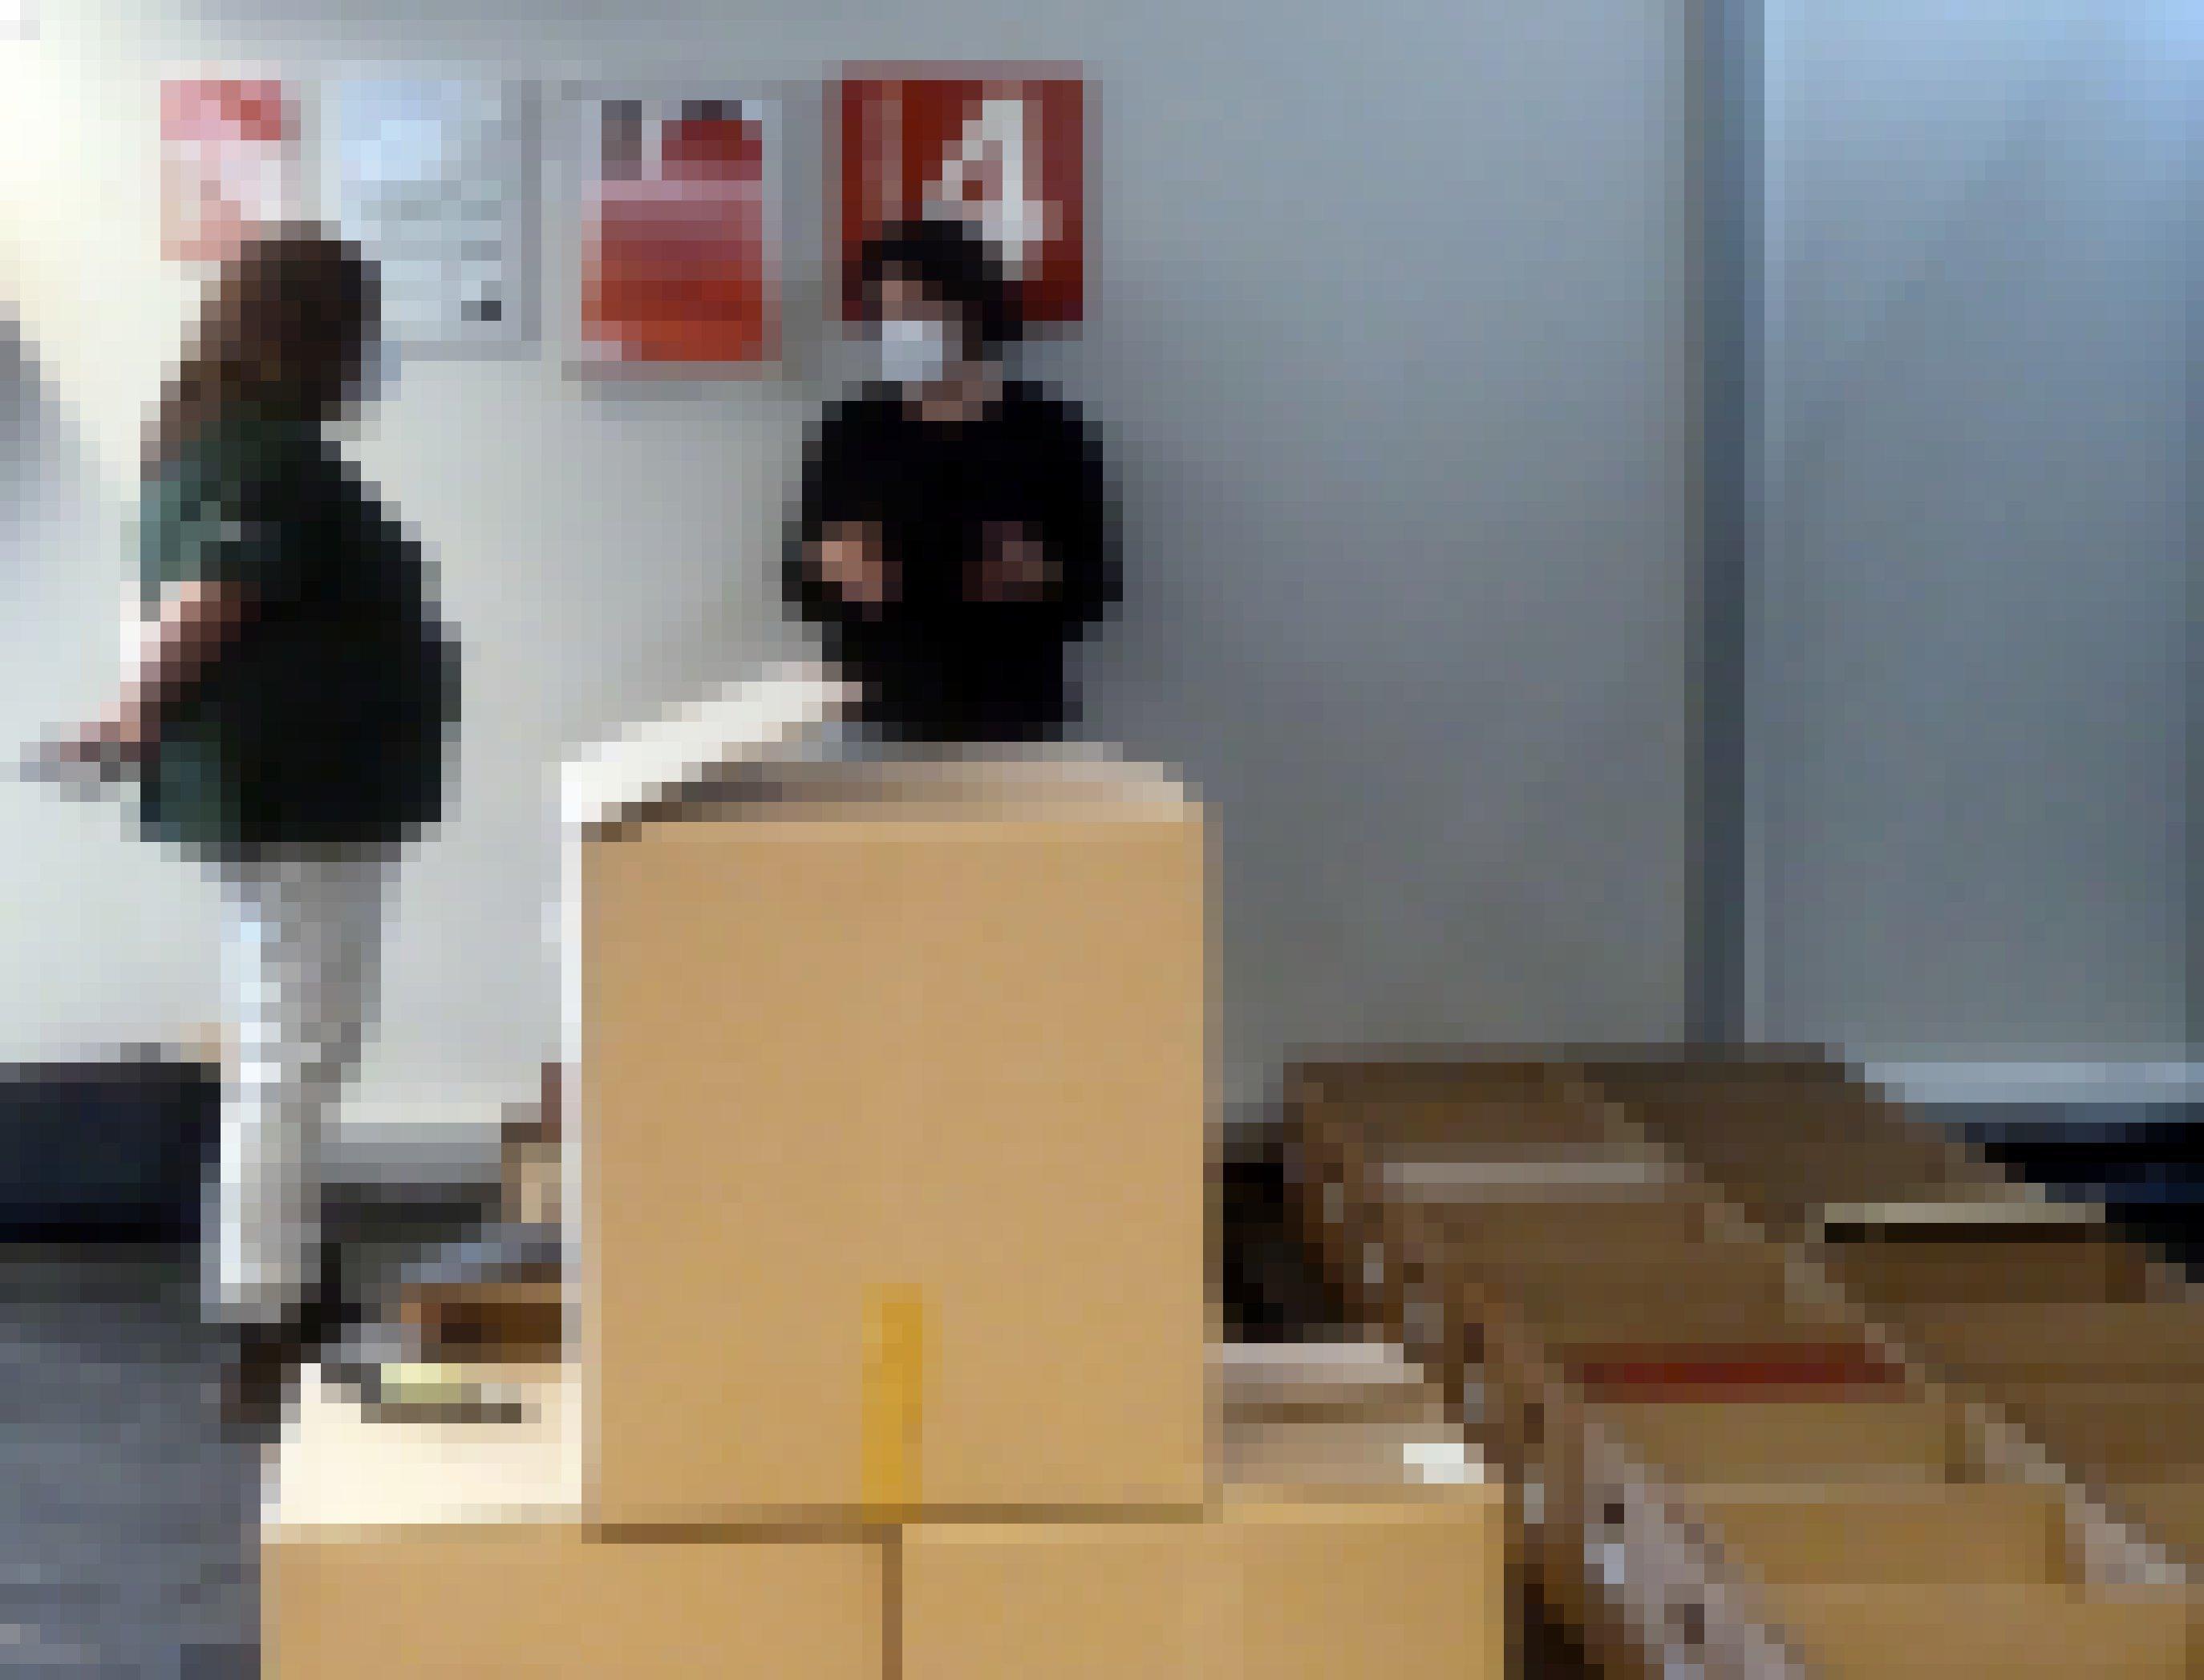 Tina Löhr spricht inmitten von Kisten geretteter Bibliotheks-Bestände mit einer Mitarbeiterin